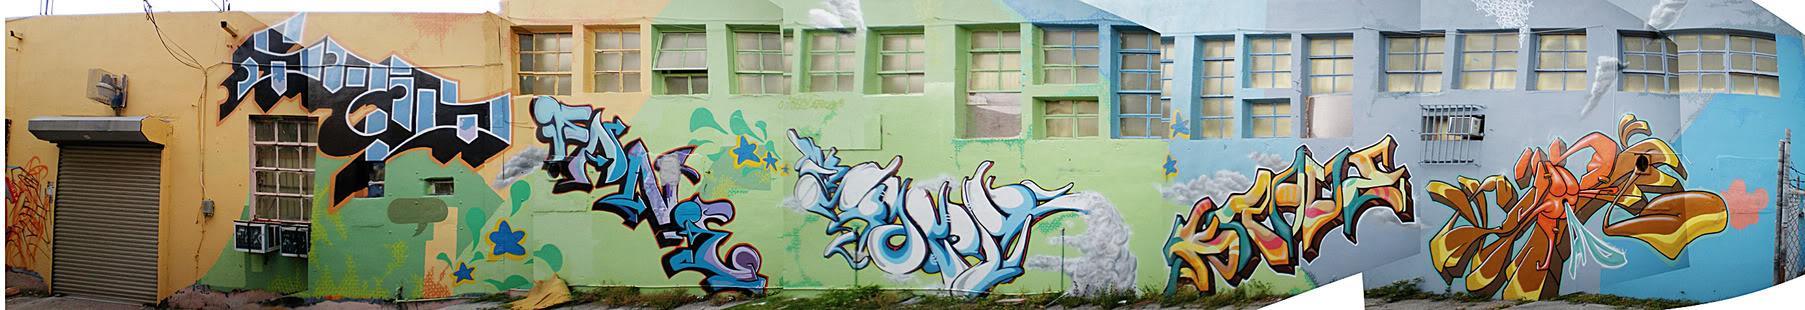 ai17.photobucket.com_albums_b93_fane397_Graffitti_kravewall.jpg